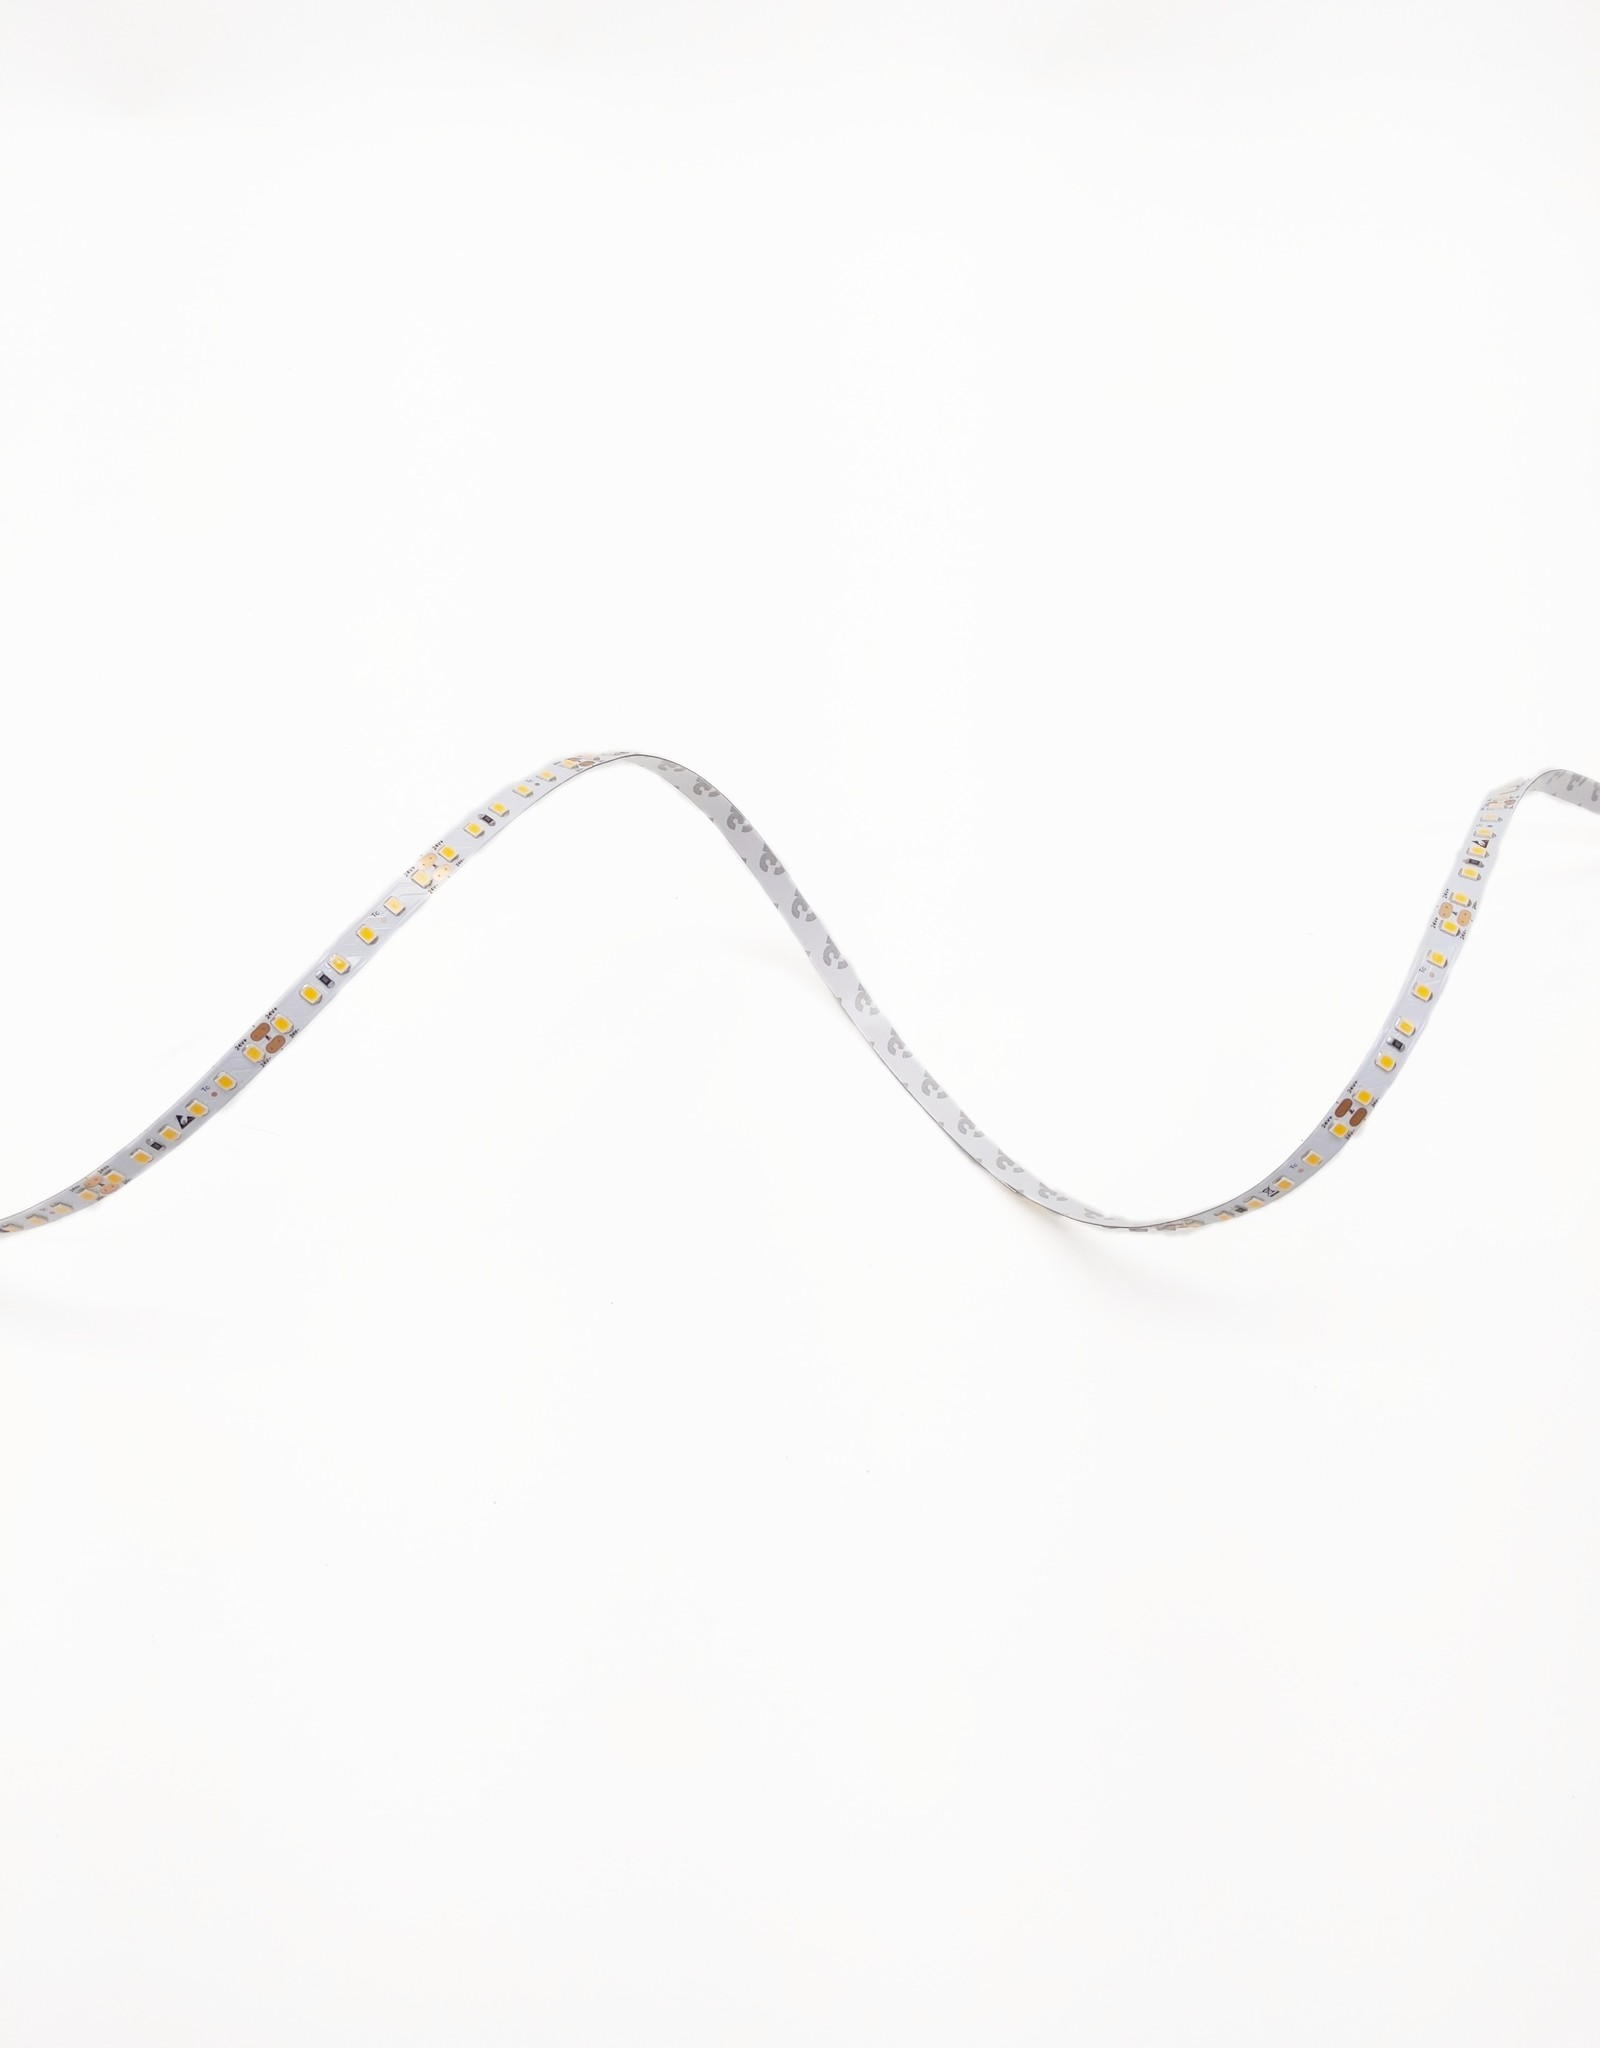 LedLed Varo led strip | 5m | 2700k | 24V | 9,6W/m | 8mm